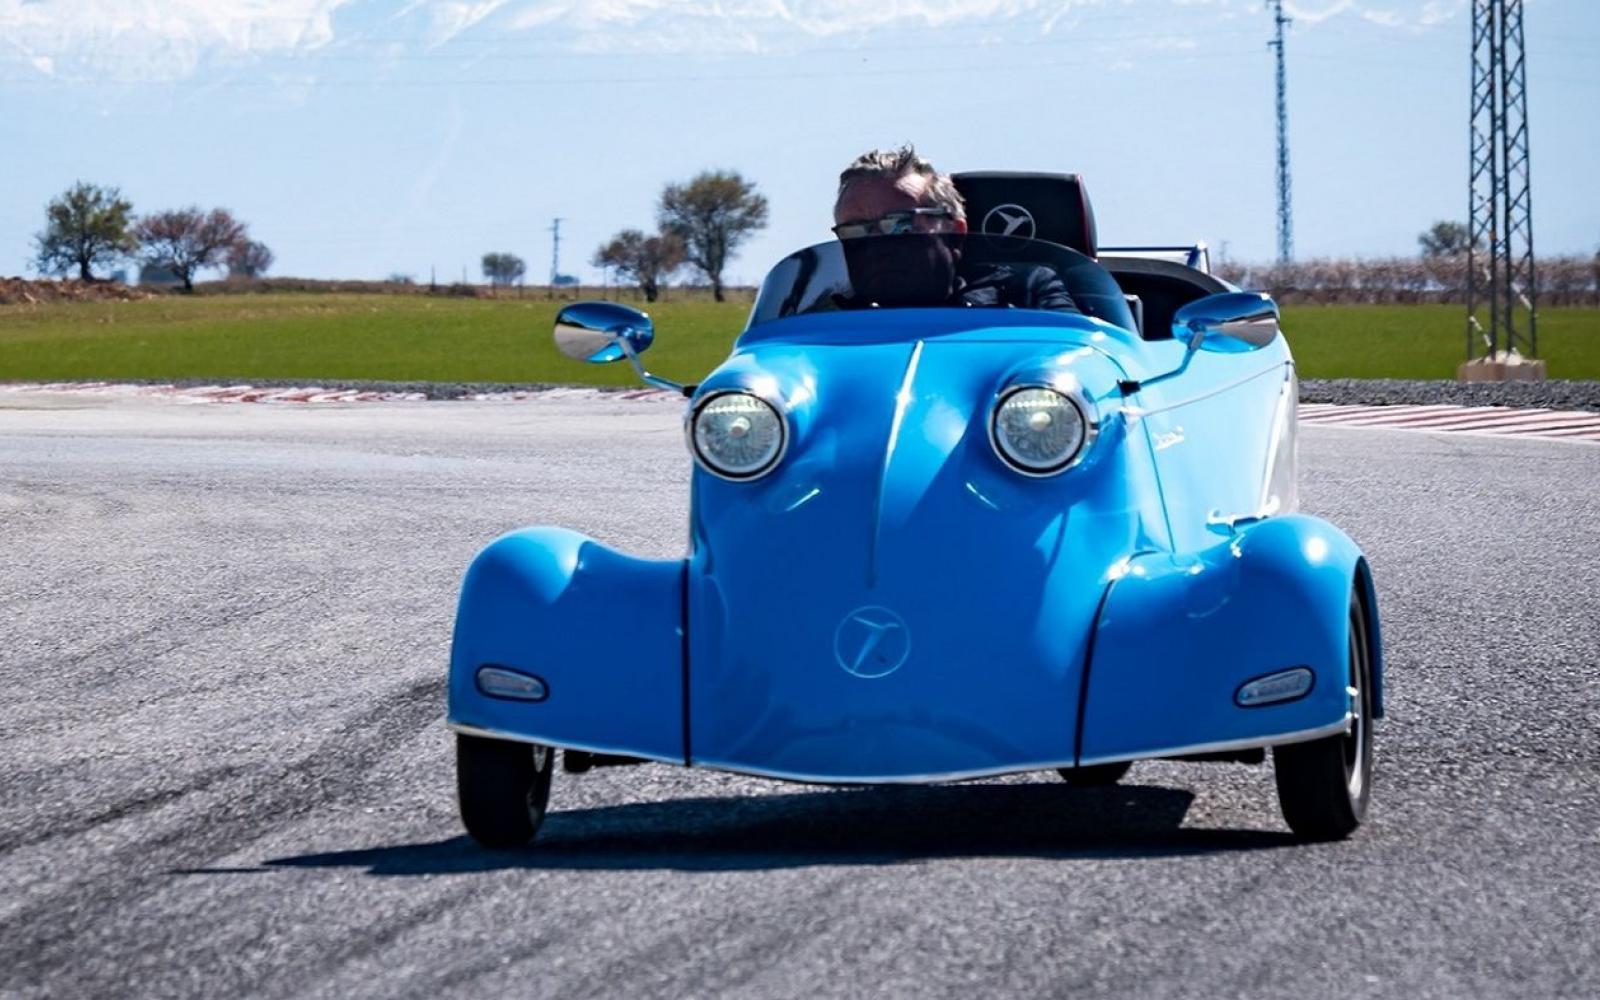 Voor 13.000 euro is deze nieuwe, elektrische Messerschmitt KR van jou